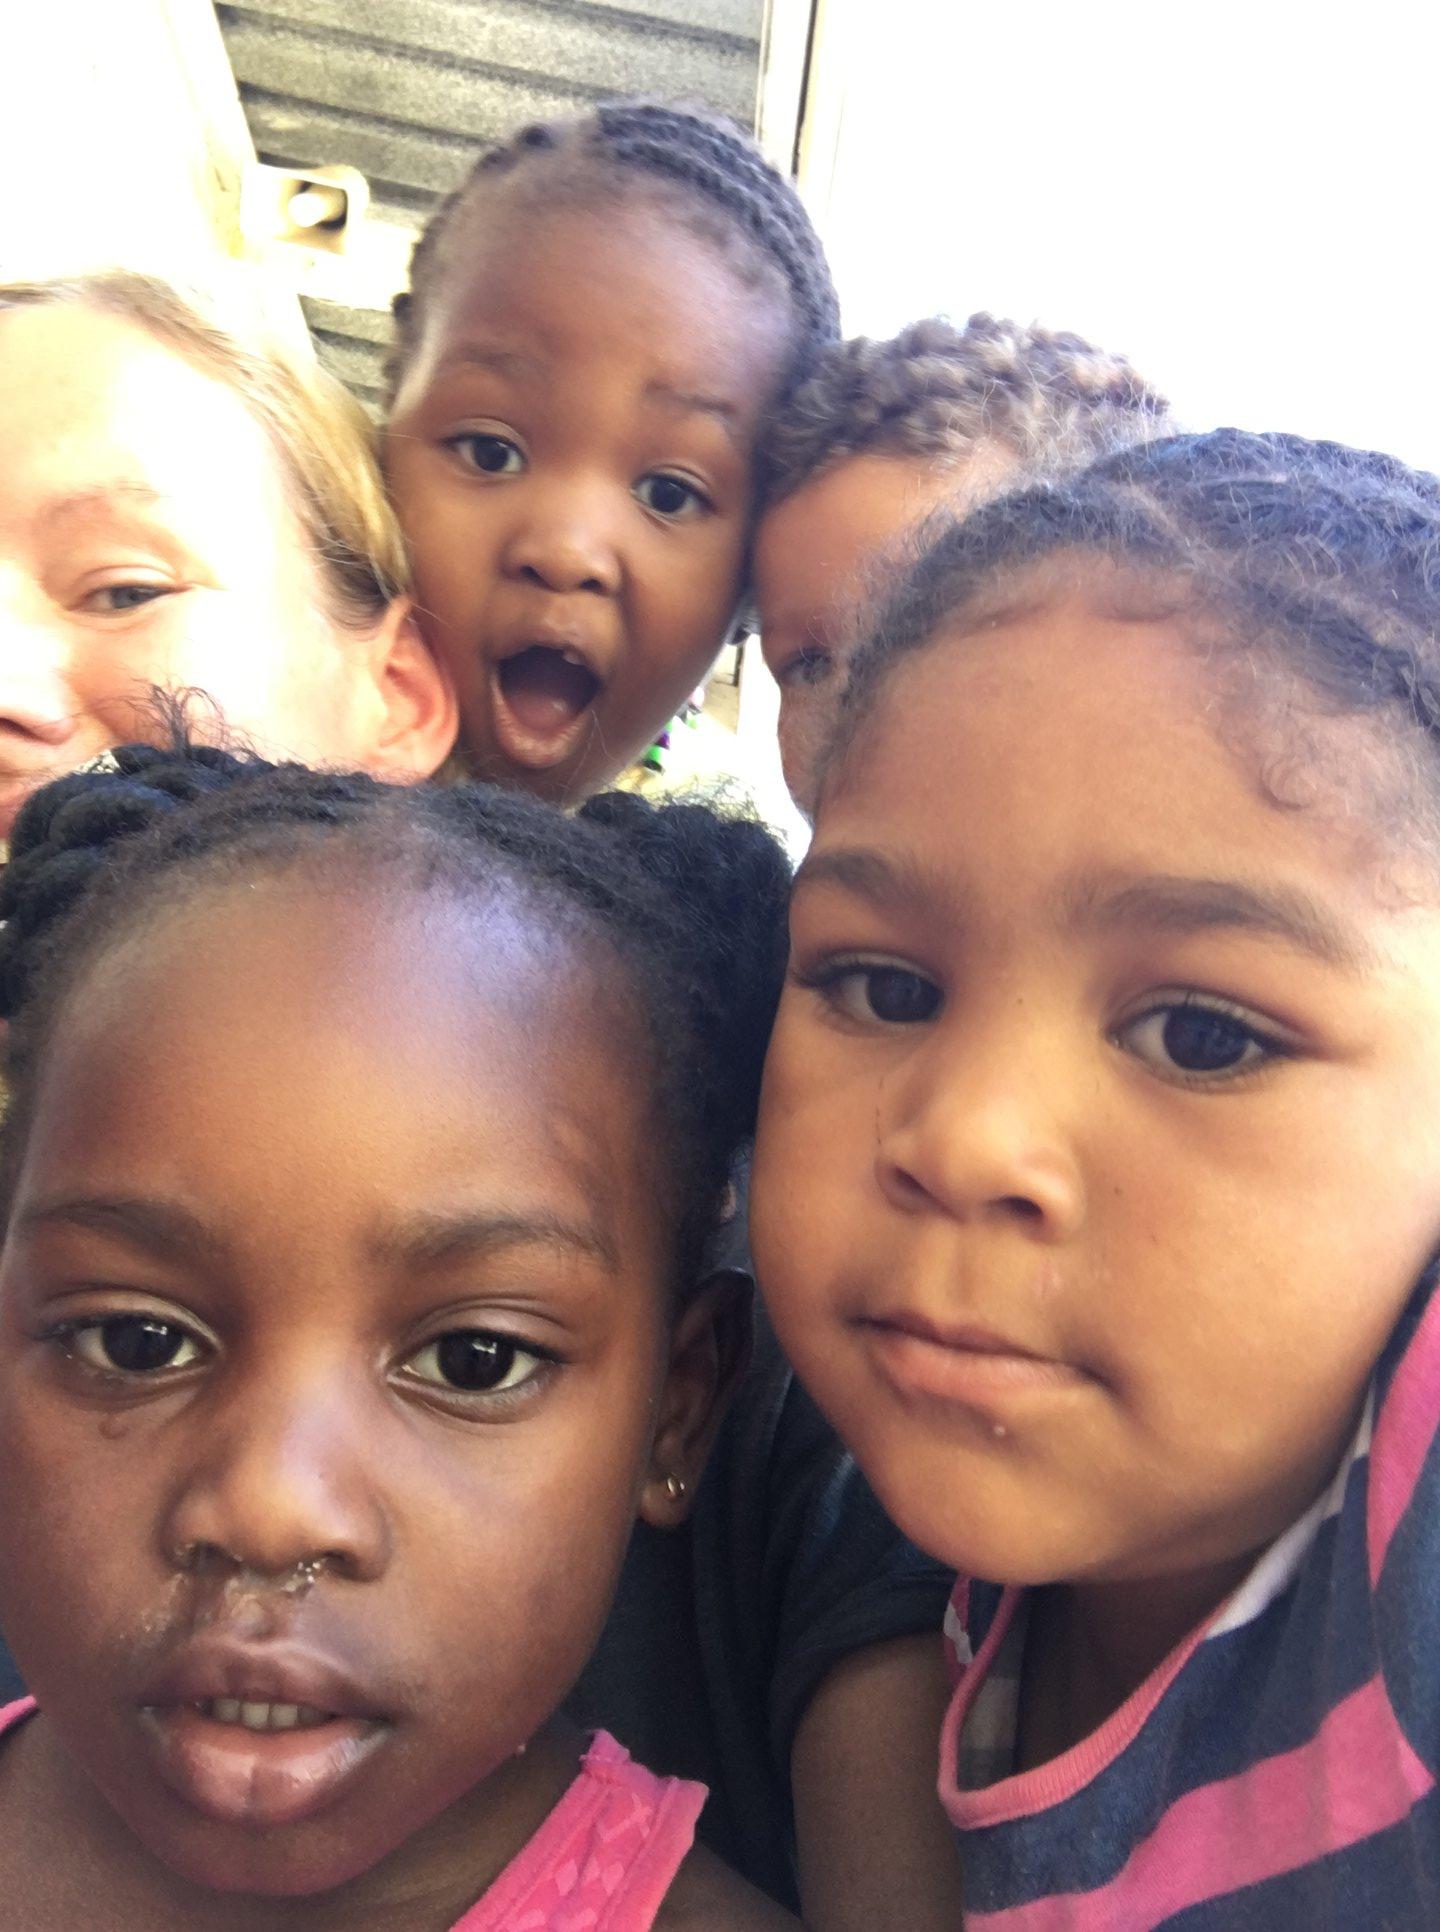 Frivillig Sør-Afrika - Frivillig arbeid i Sør-Afrika - GoXplore Norge